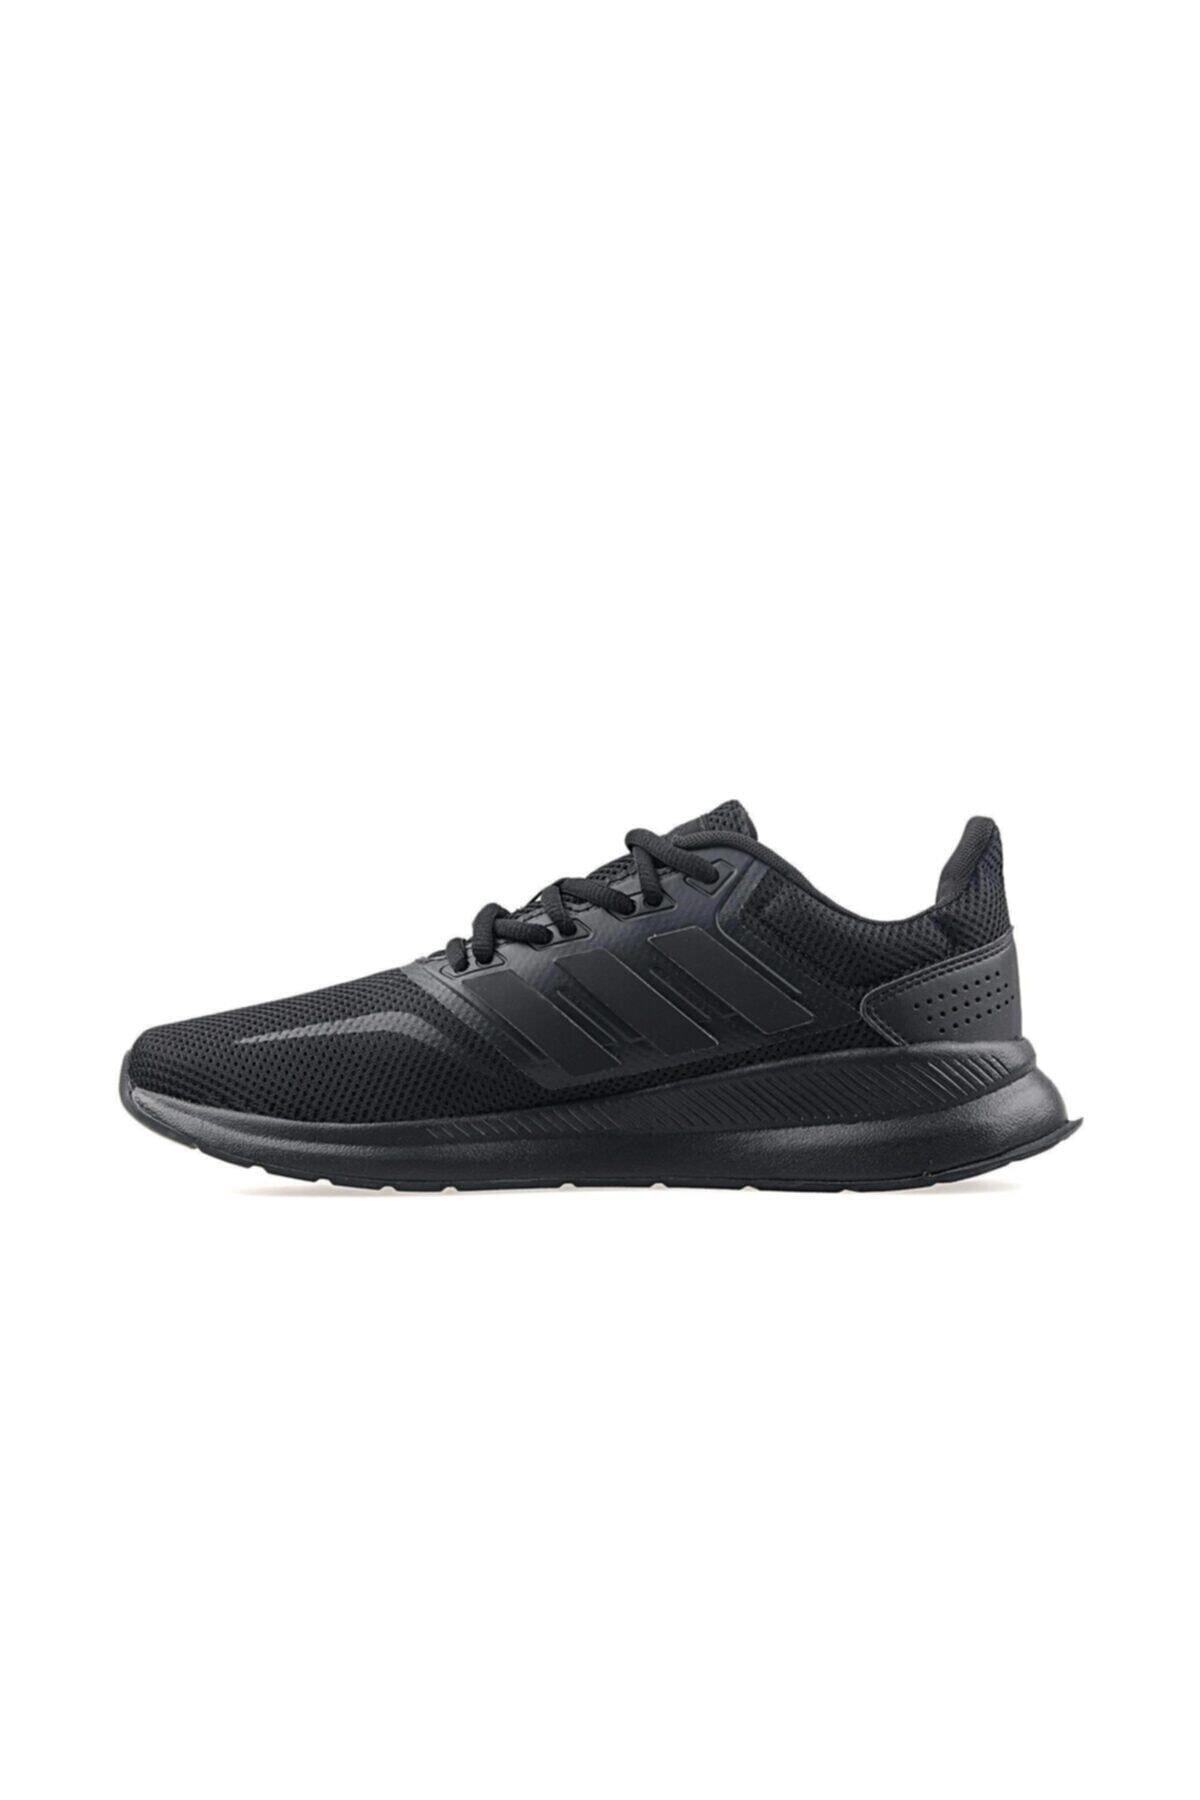 adidas G28970 Siyah Erkek Koşu Ayakkabısı 100479461 2